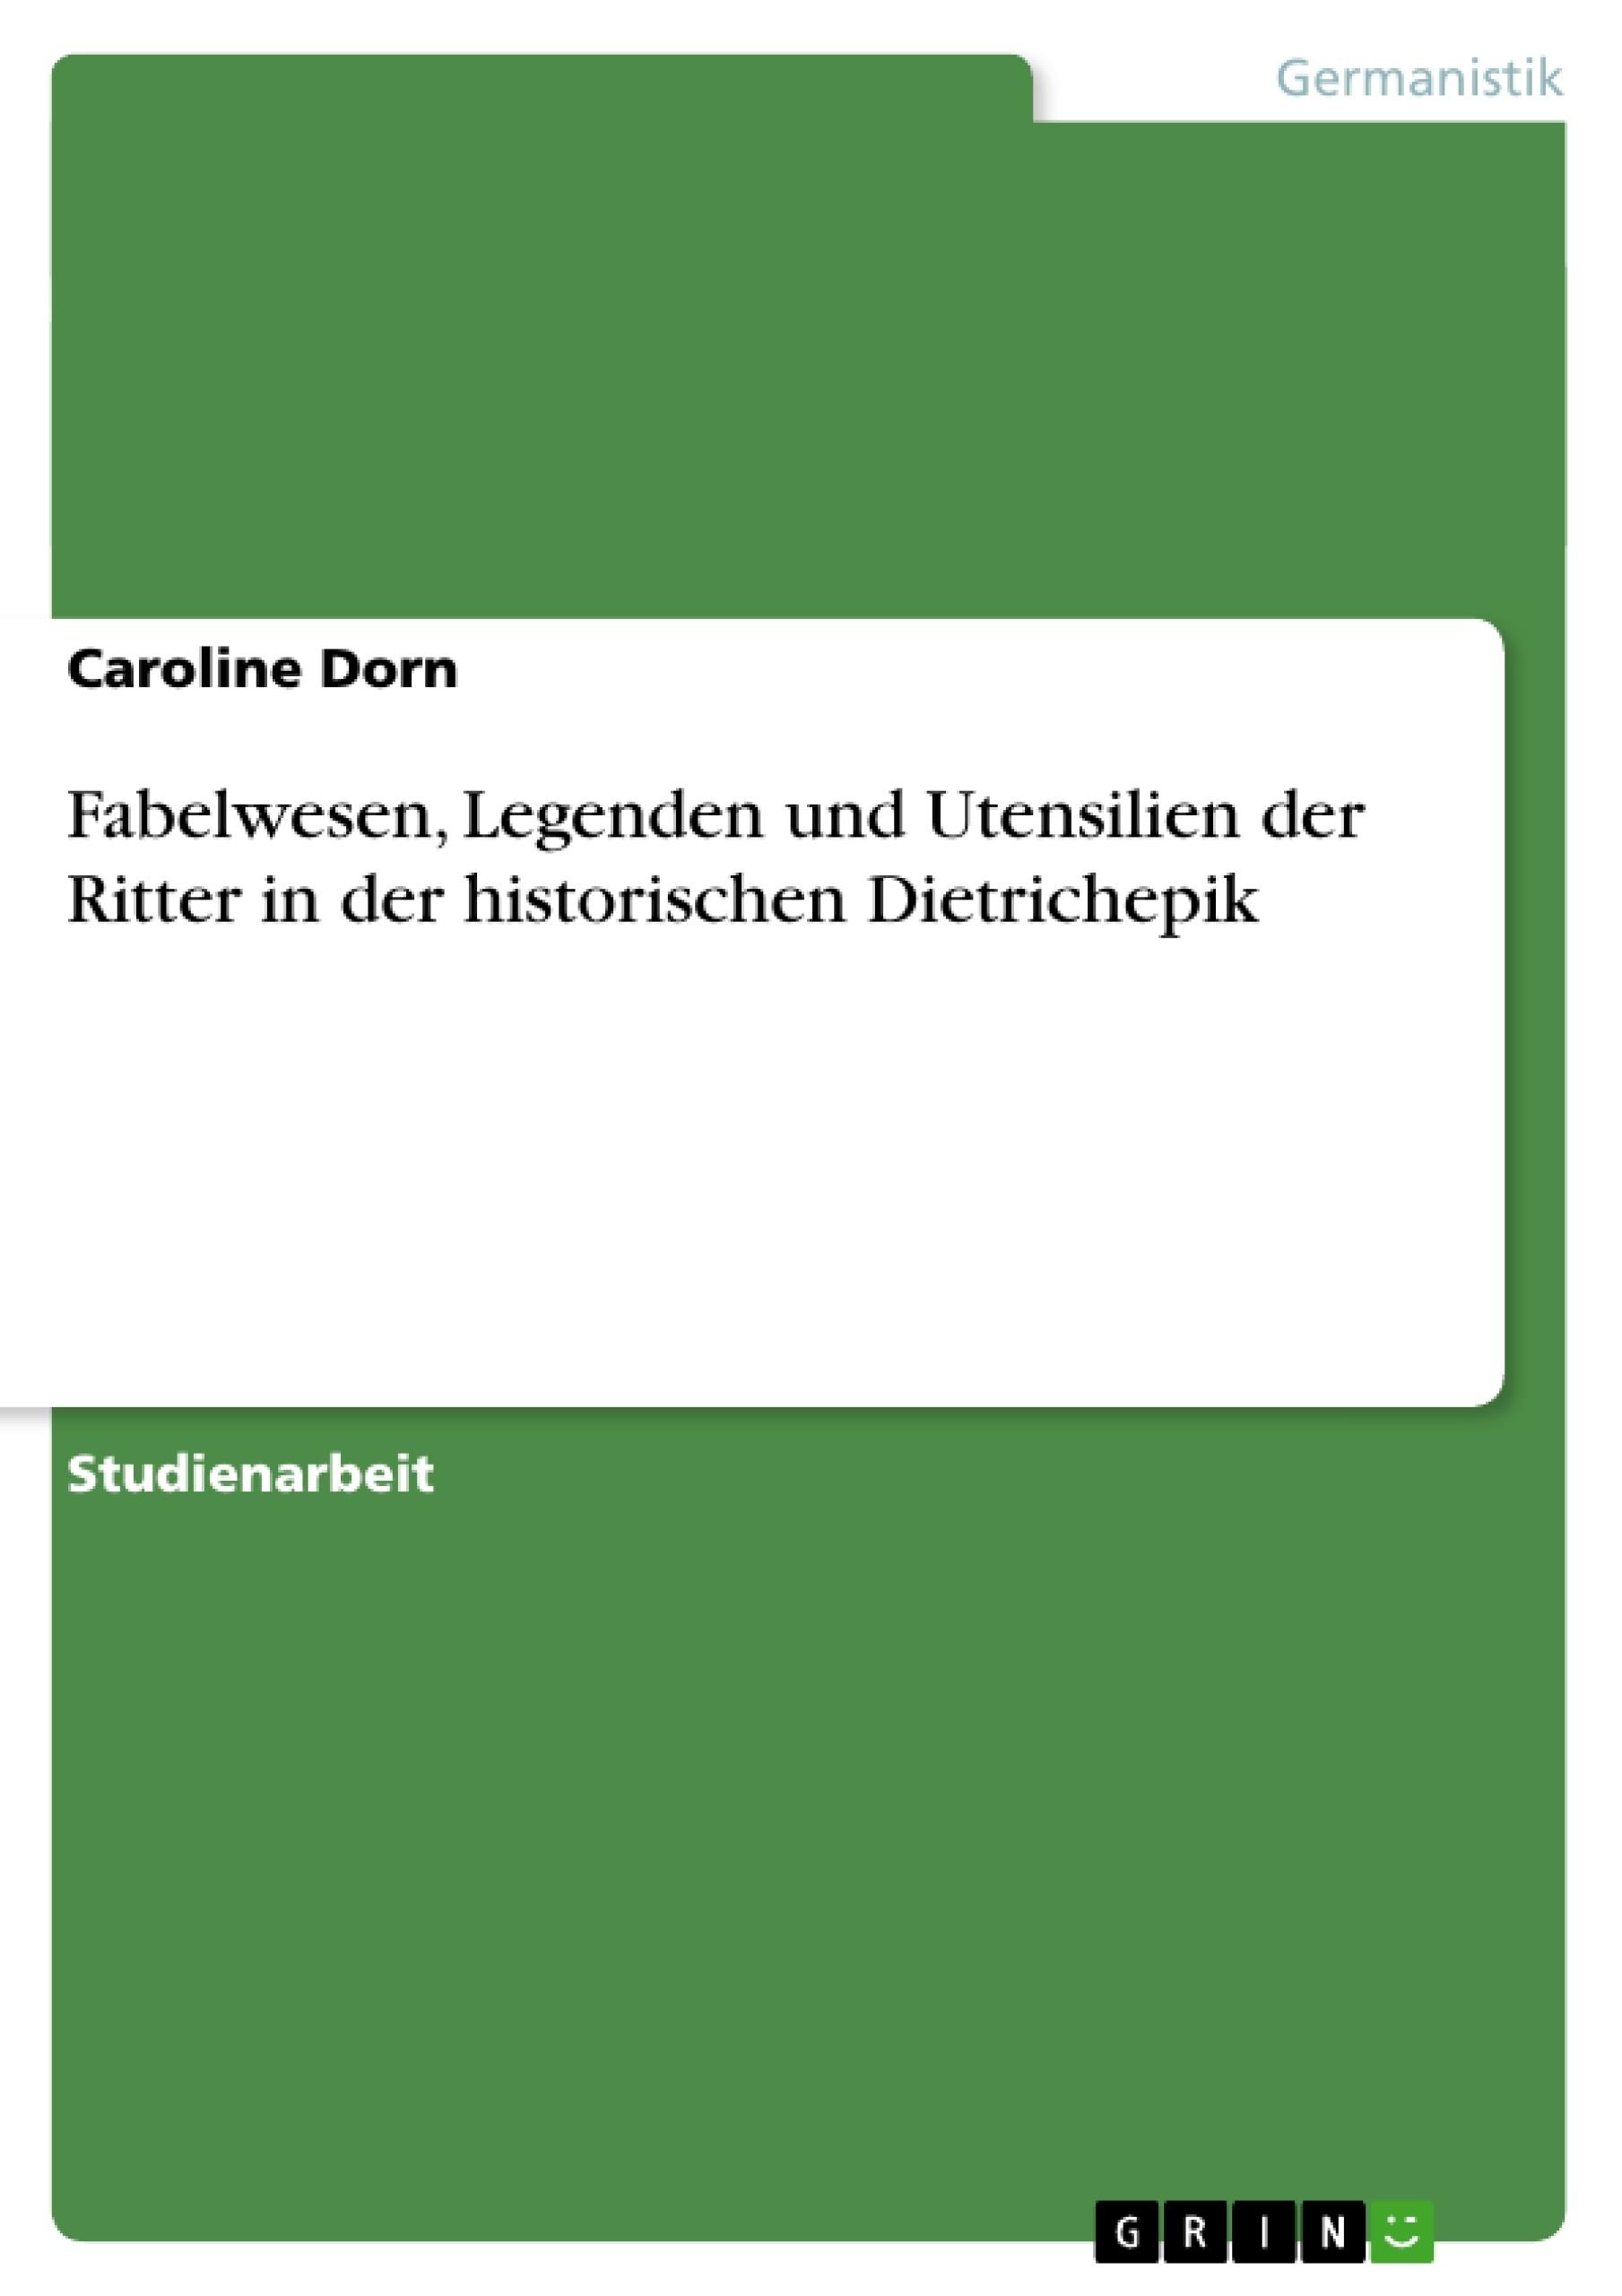 Titel: Fabelwesen, Legenden und Utensilien der Ritter in der historischen Dietrichepik